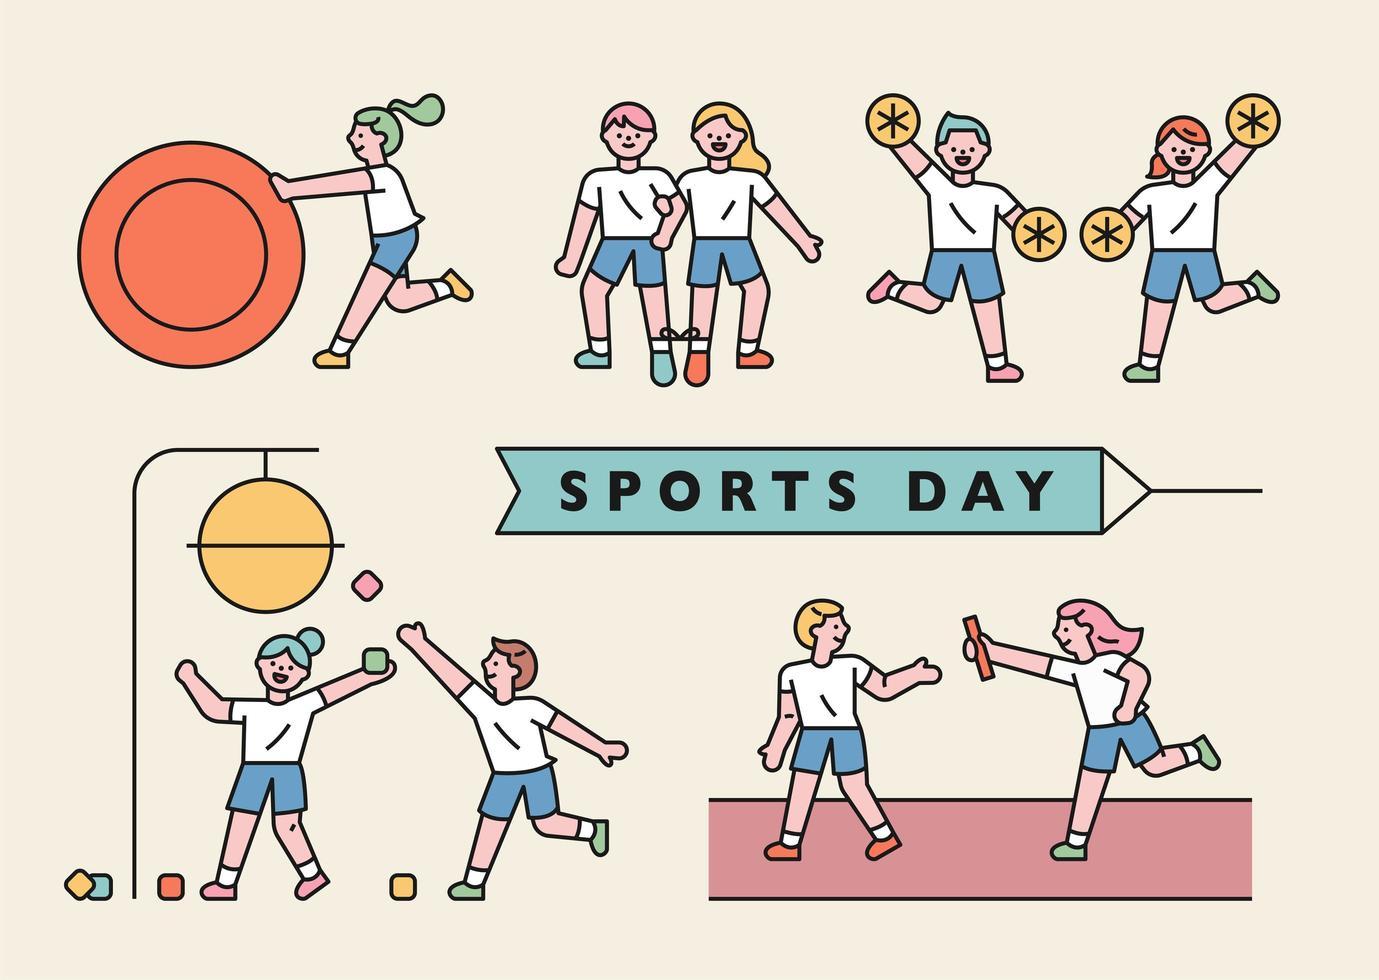 skolsportsdag vektor